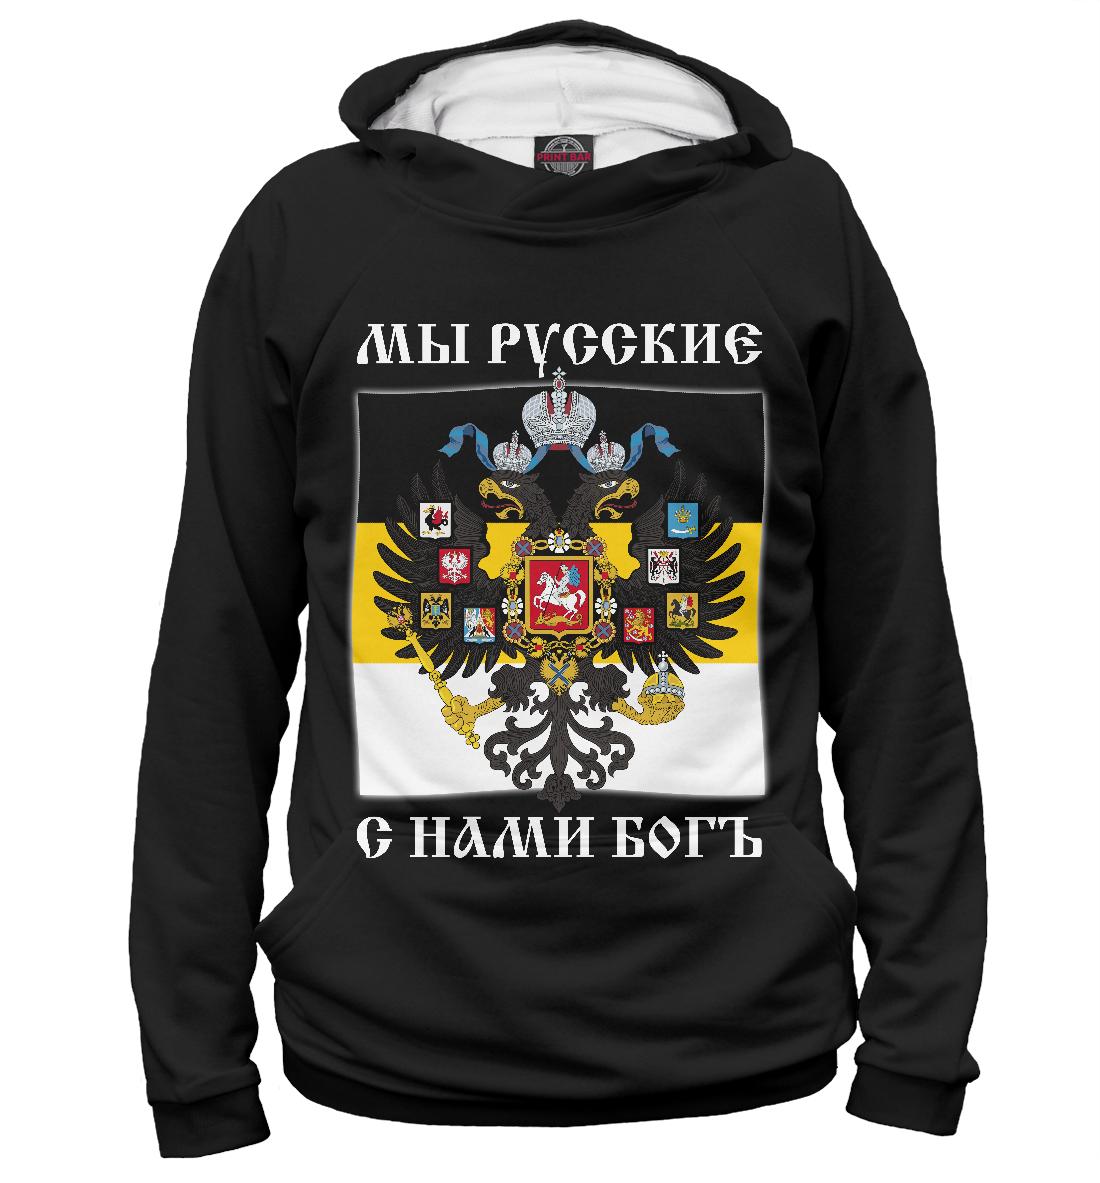 Купить Мы Русские, с нами Богъ, Printbar, Худи, SVN-451926-hud-2